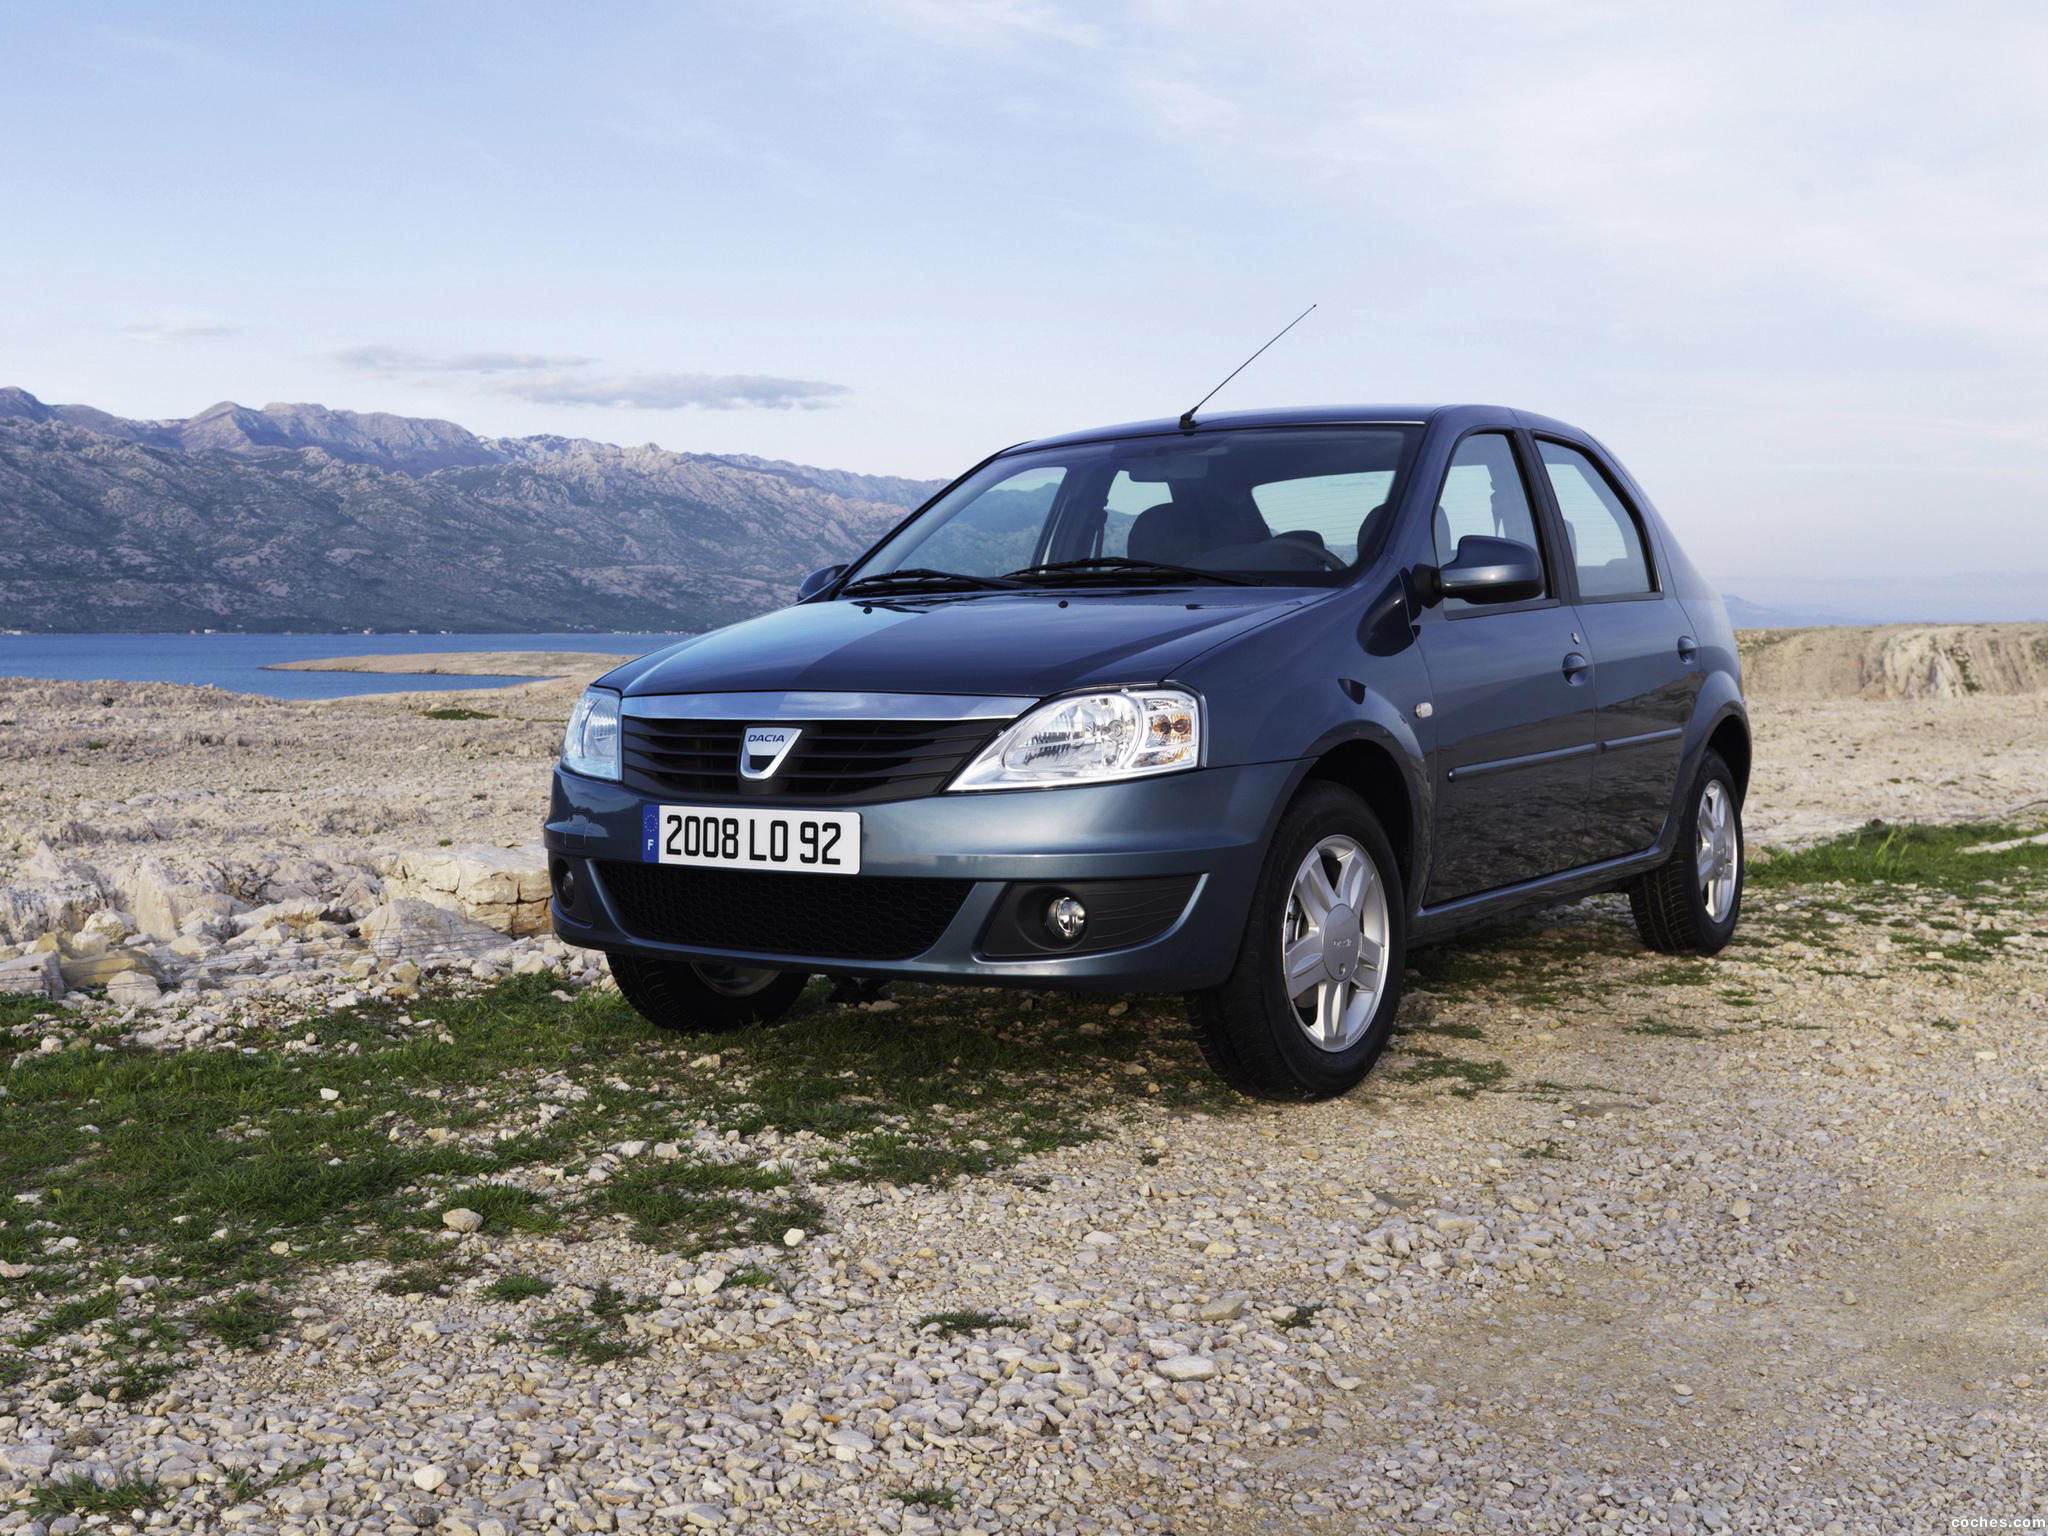 Foto 11 de Dacia Logan Facelift 2008